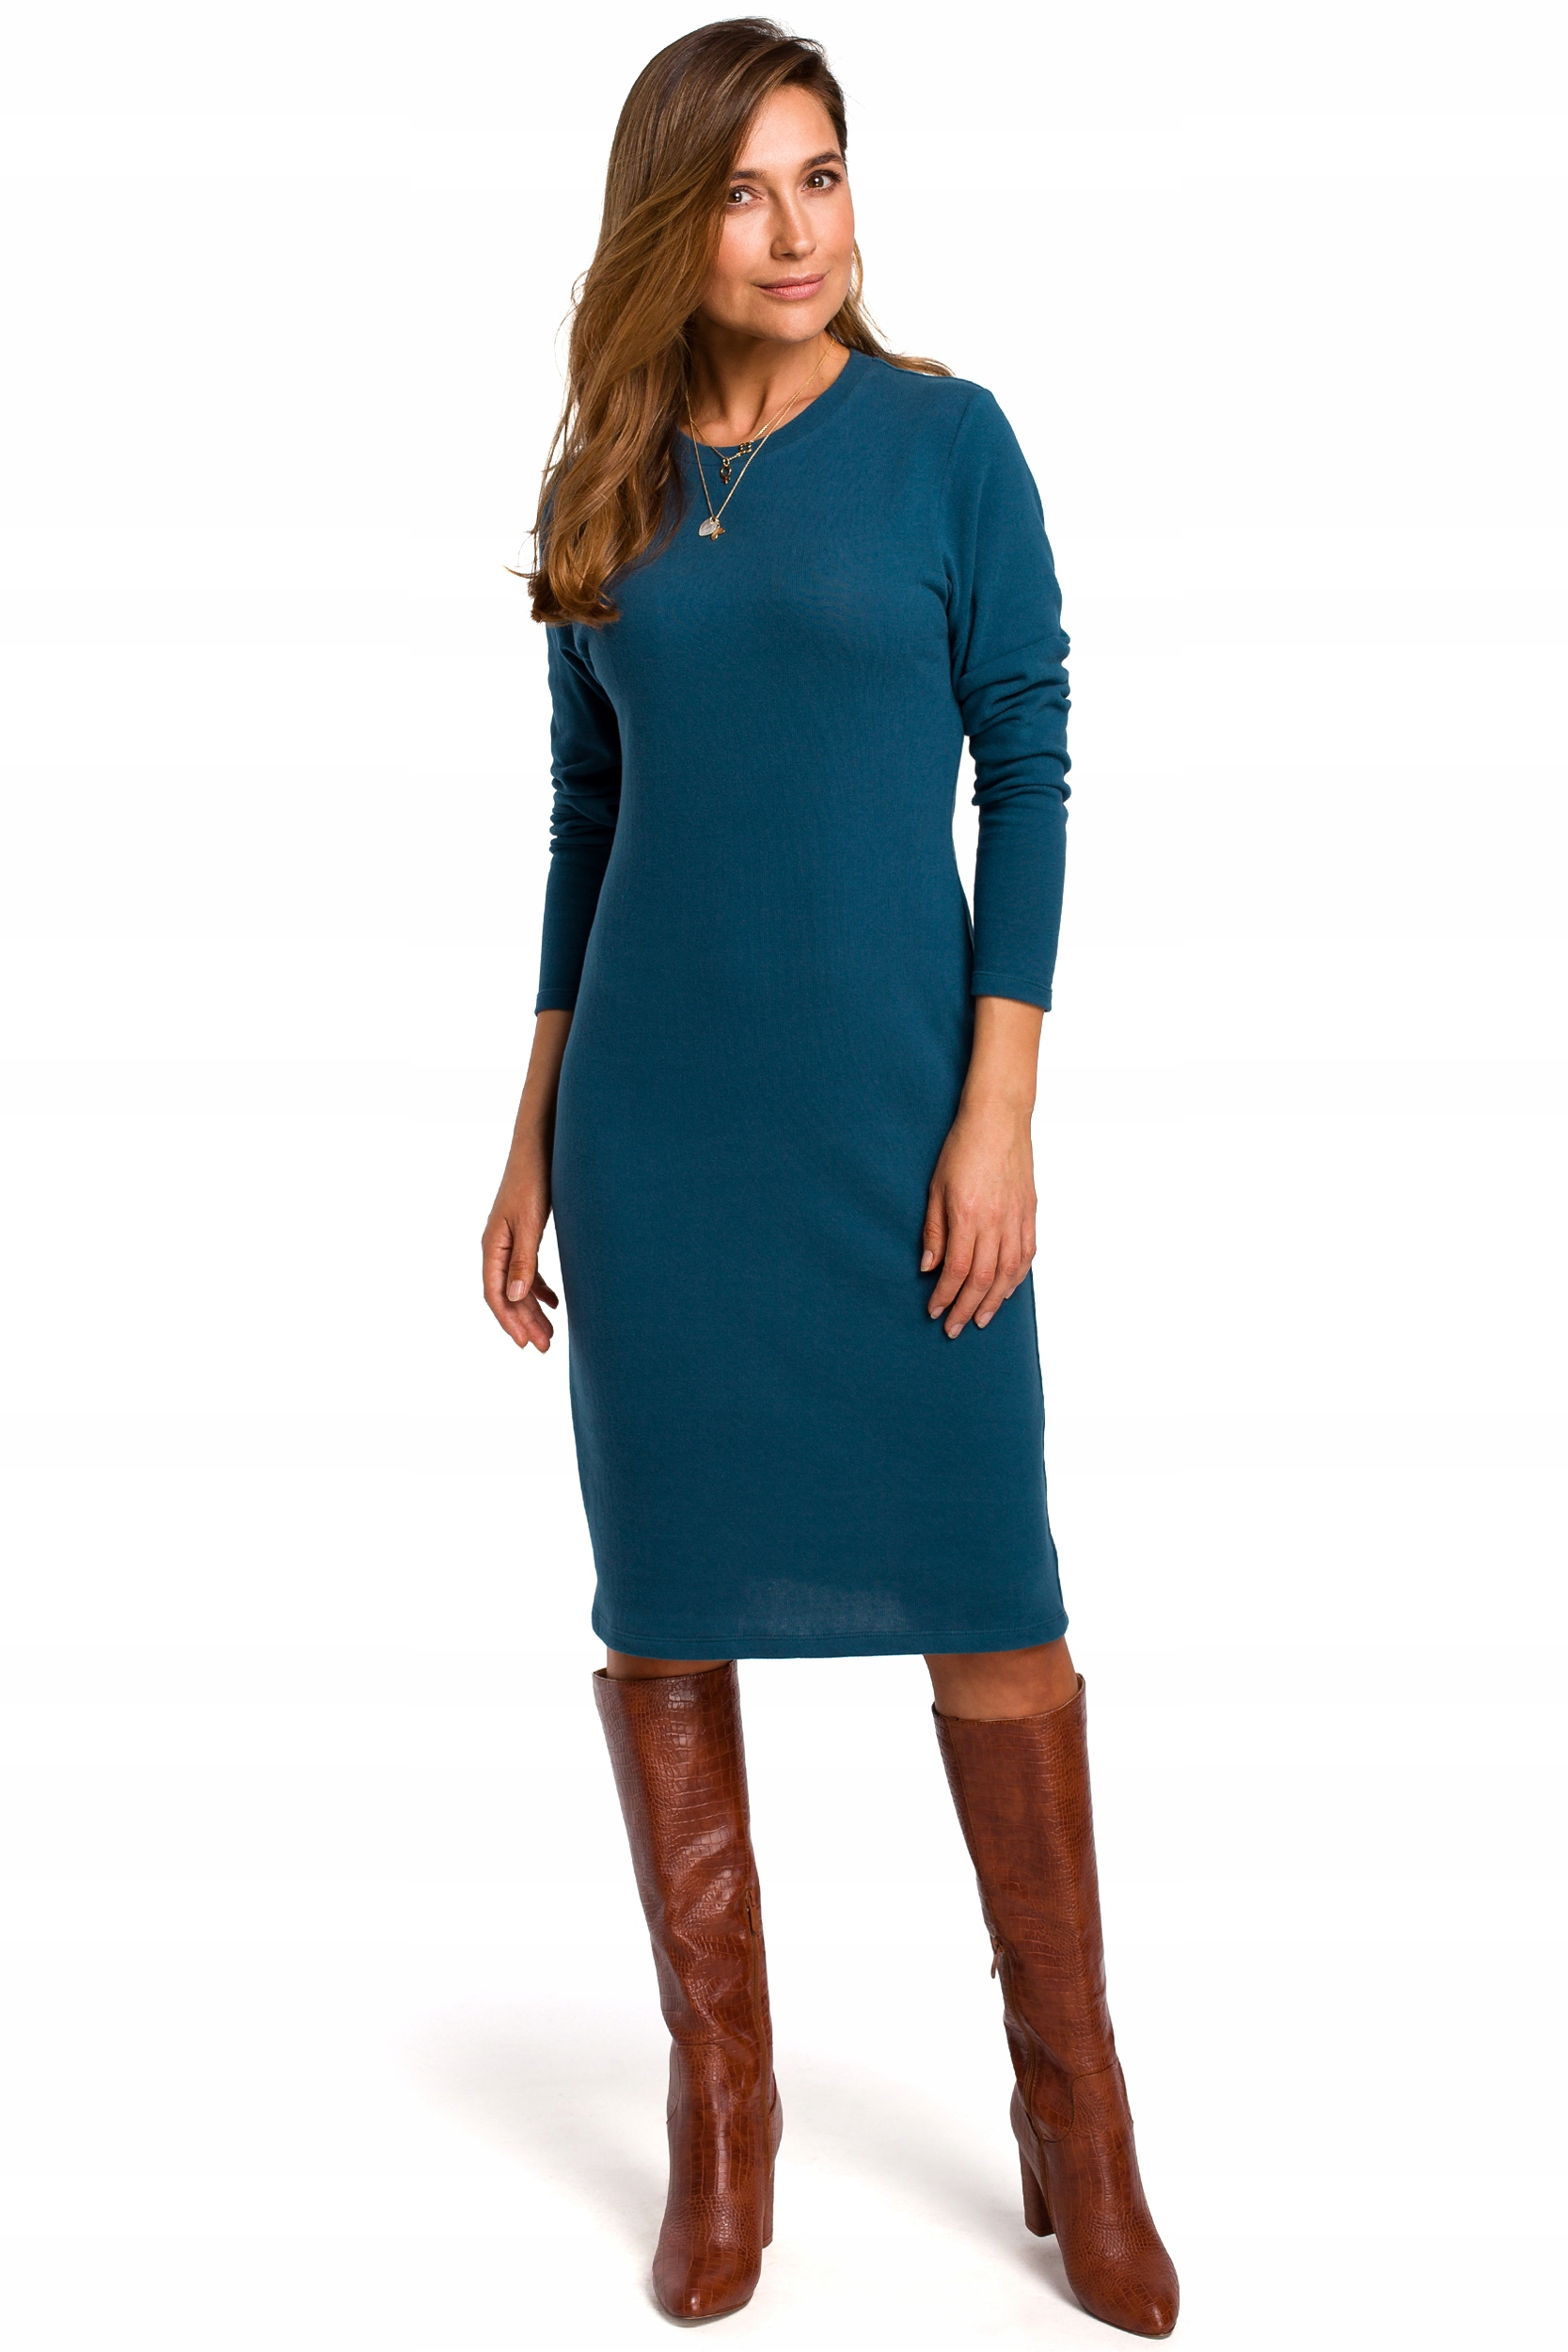 S178 Sukienka swetrowa z długimi rękawami - 38 | M